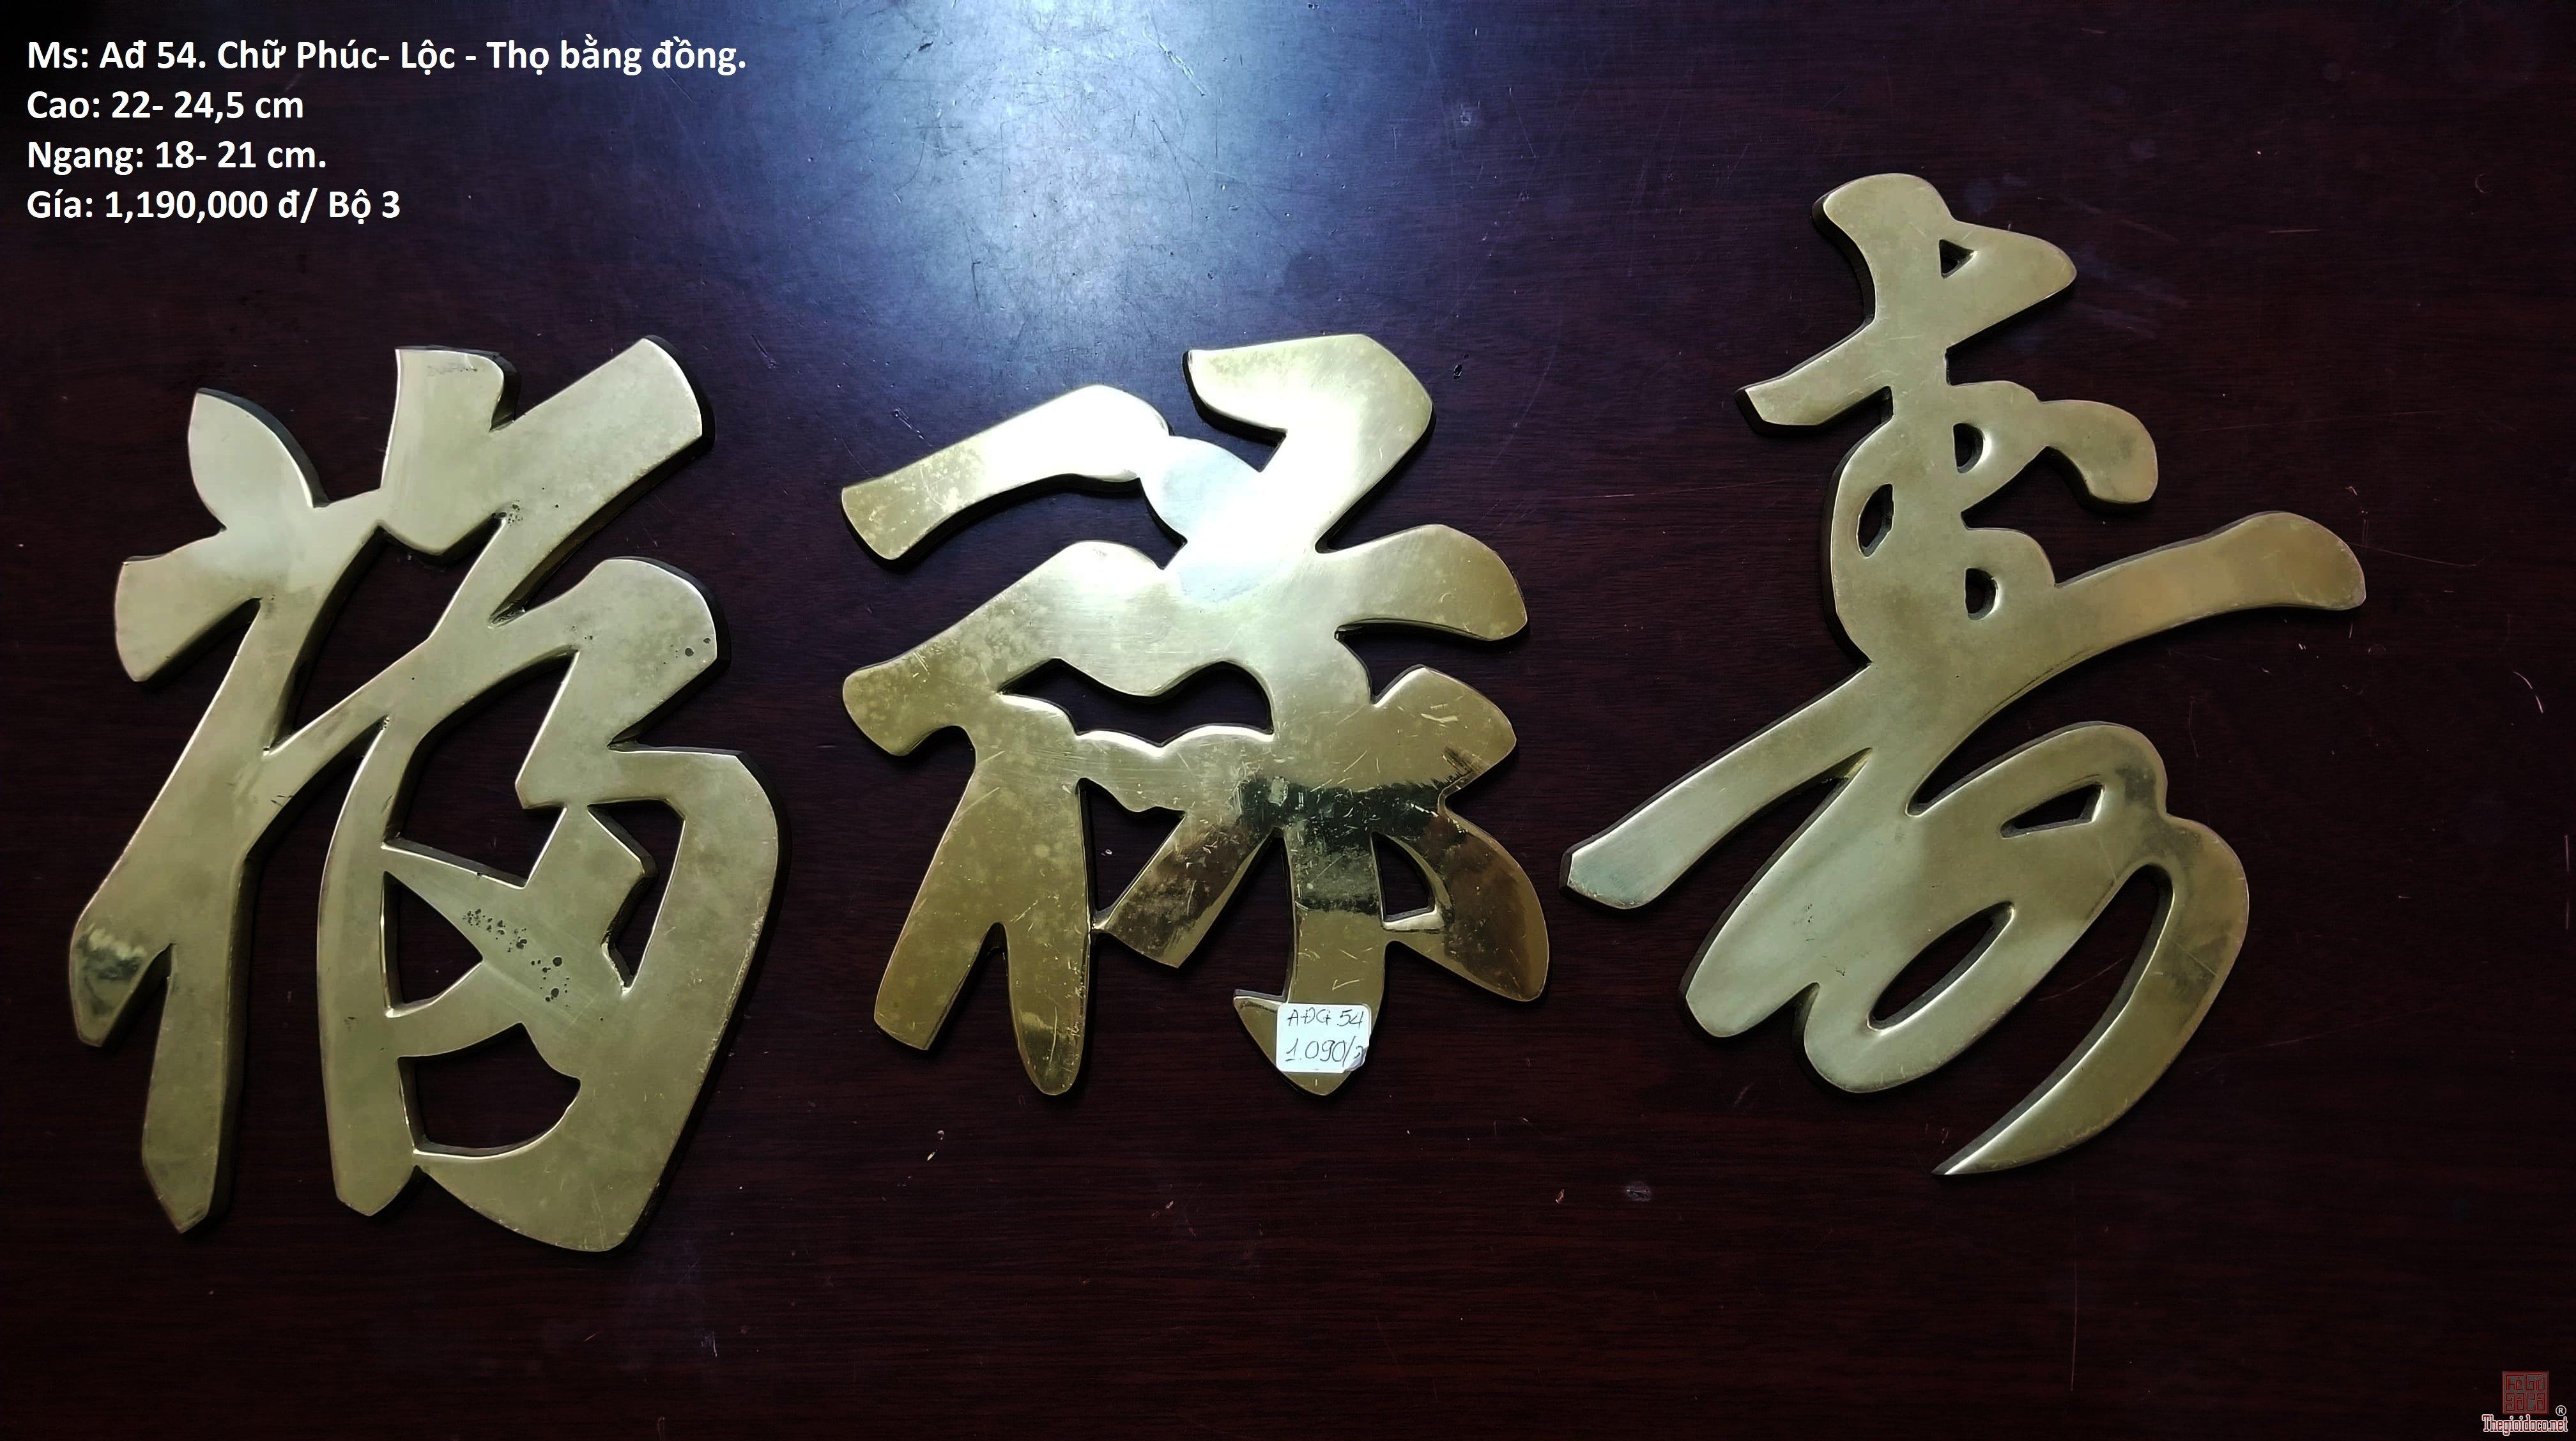 Bộ chữ Phúc- Lộc- Thọ bằng đồng.